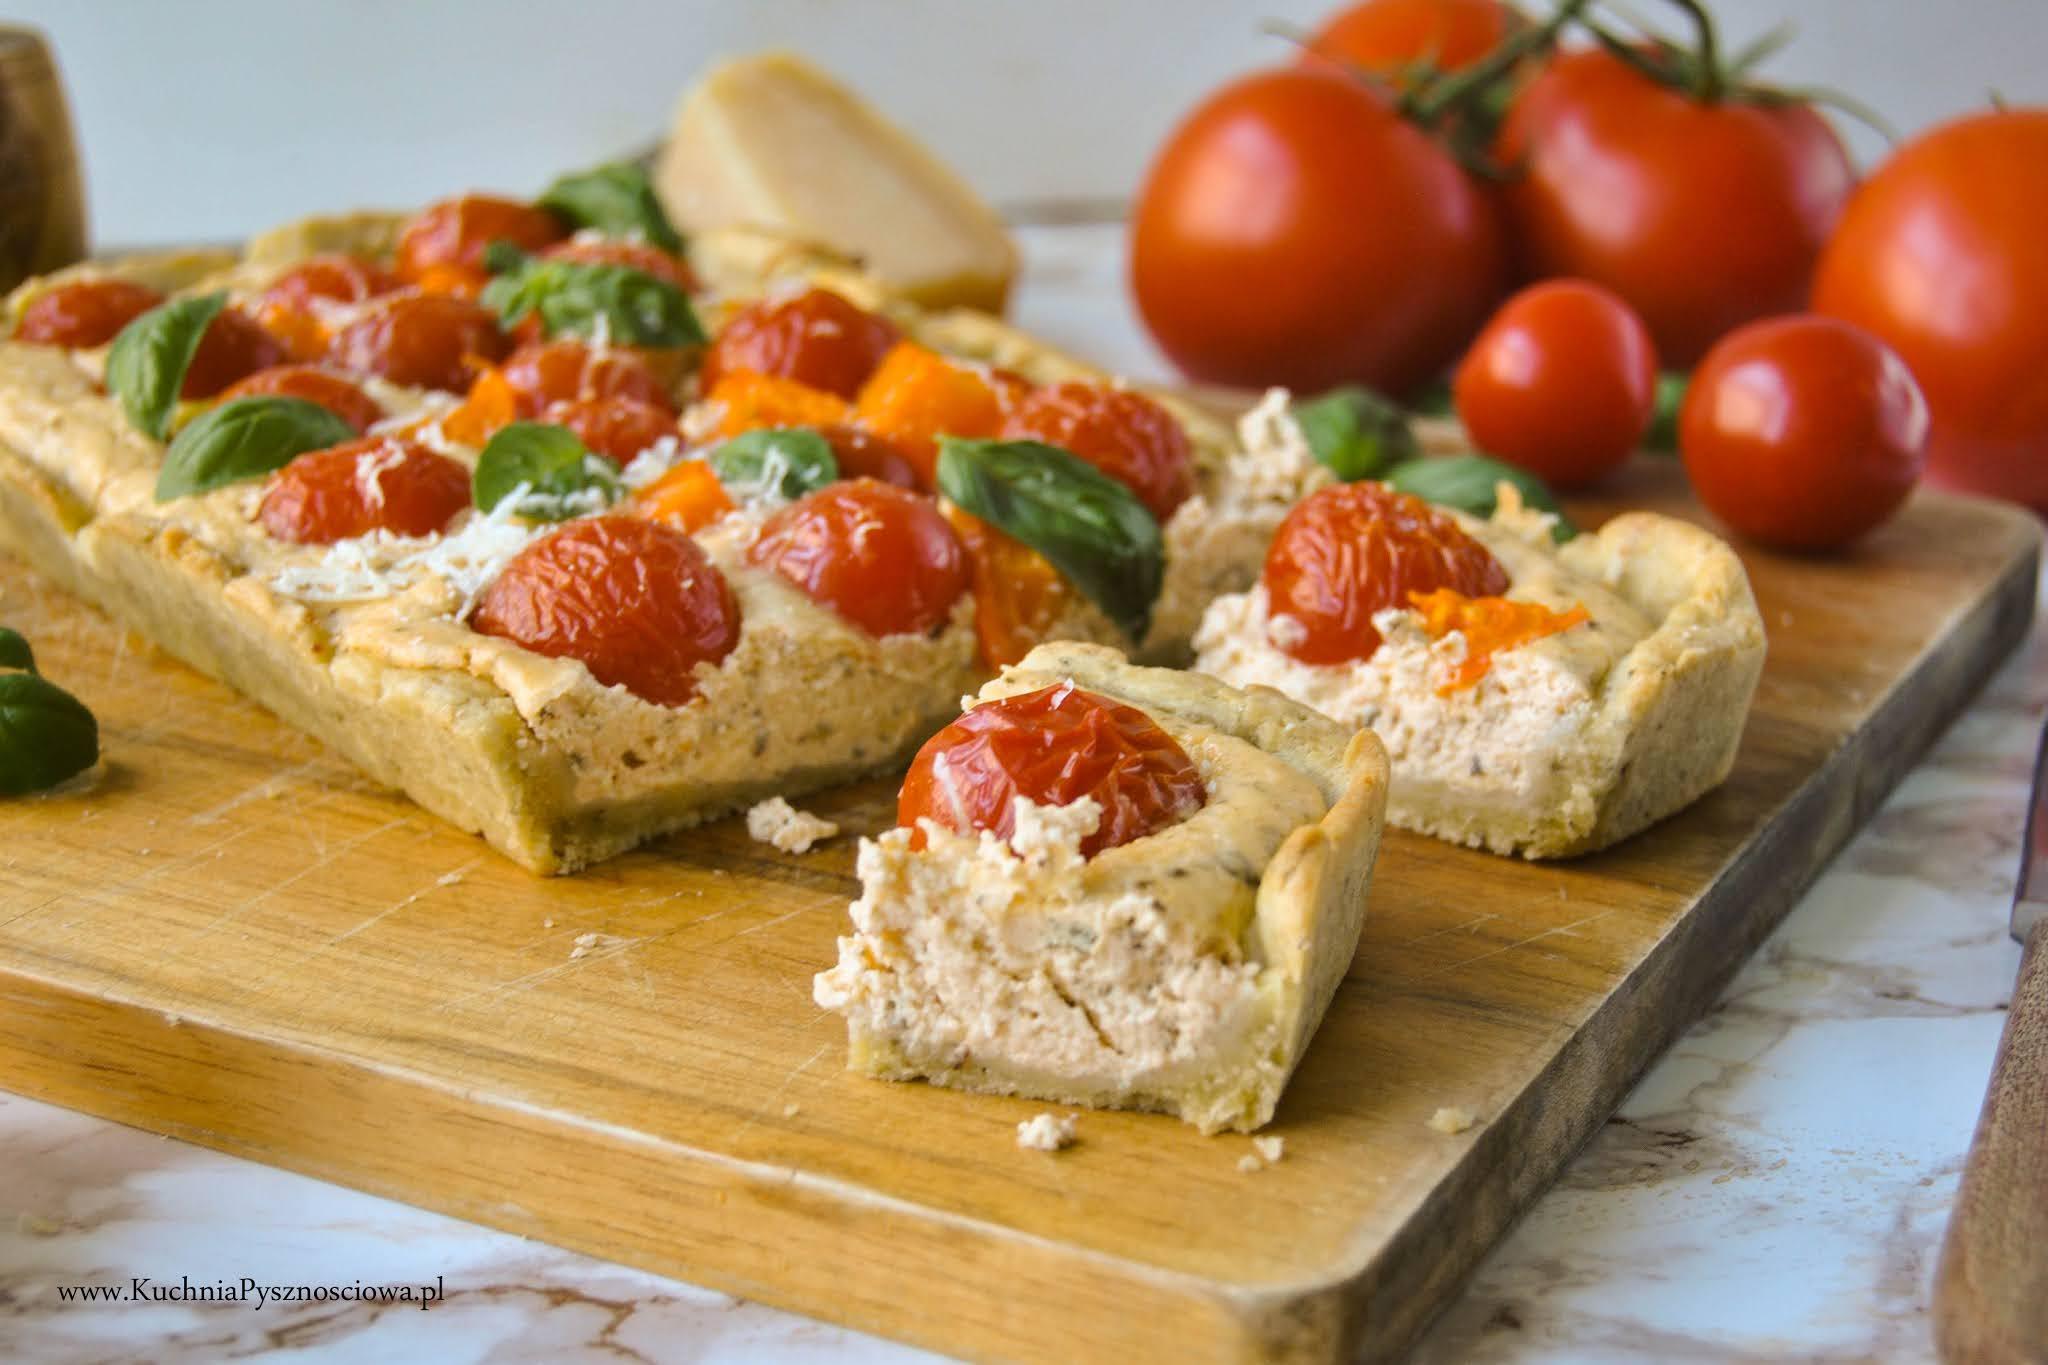 743. Tarta z pomidorami i ricottą